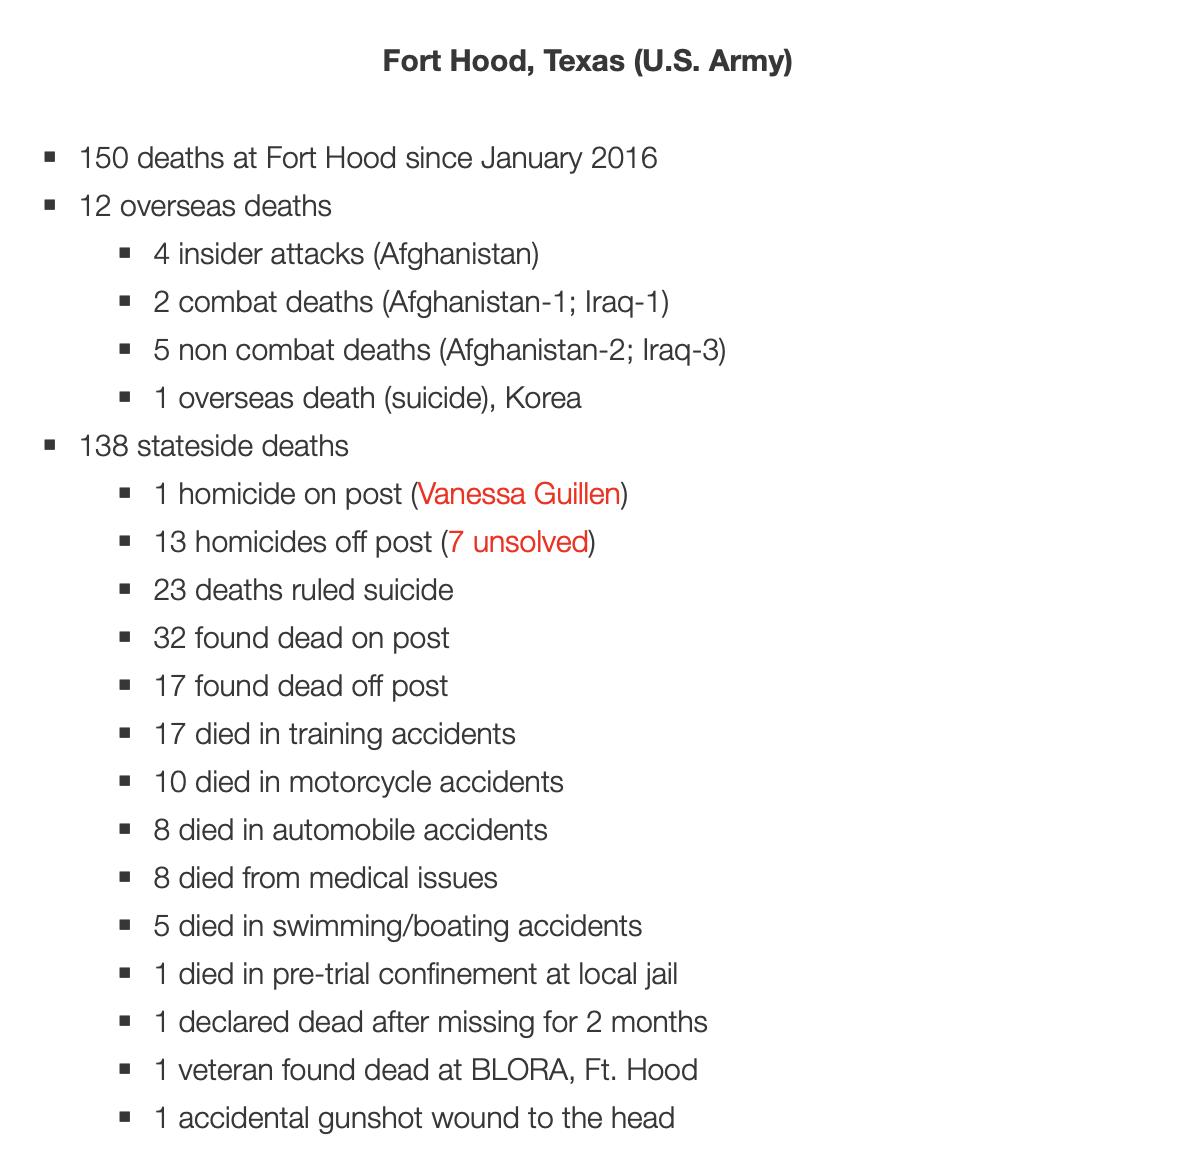 Fort Hood Stats